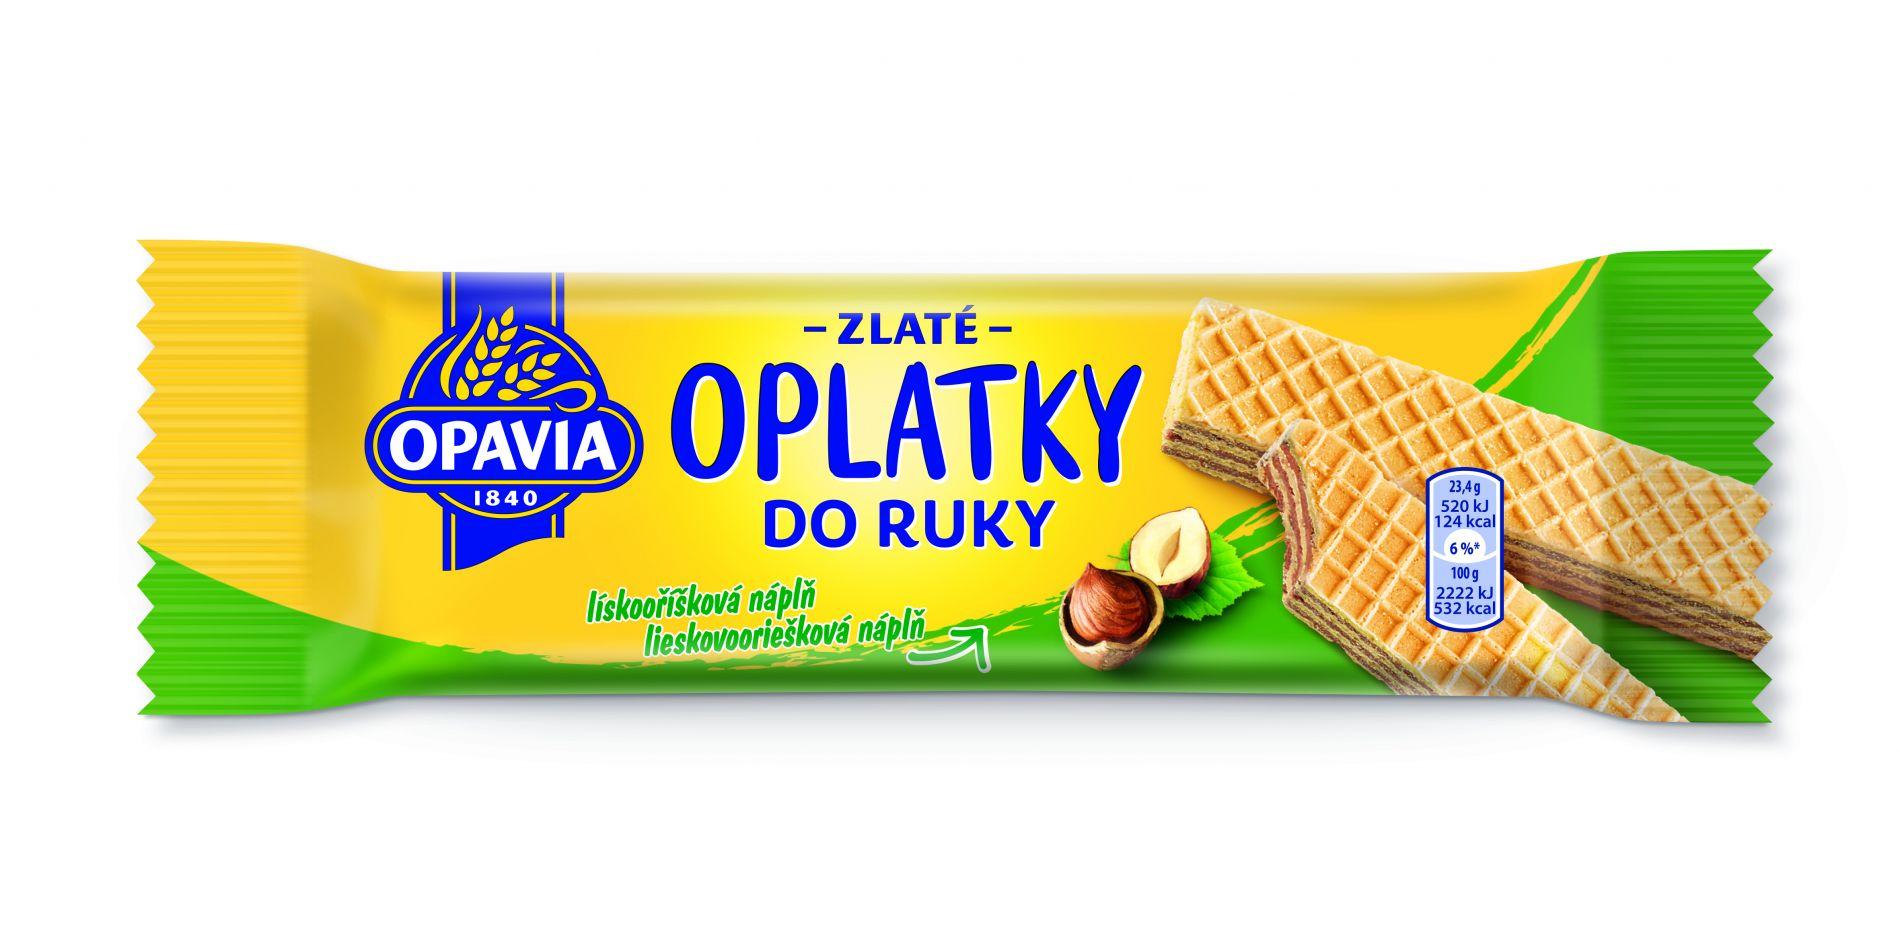 Opavia-oplatky-do-ruky-Oriskove_FRONT_CMYK_300dpi